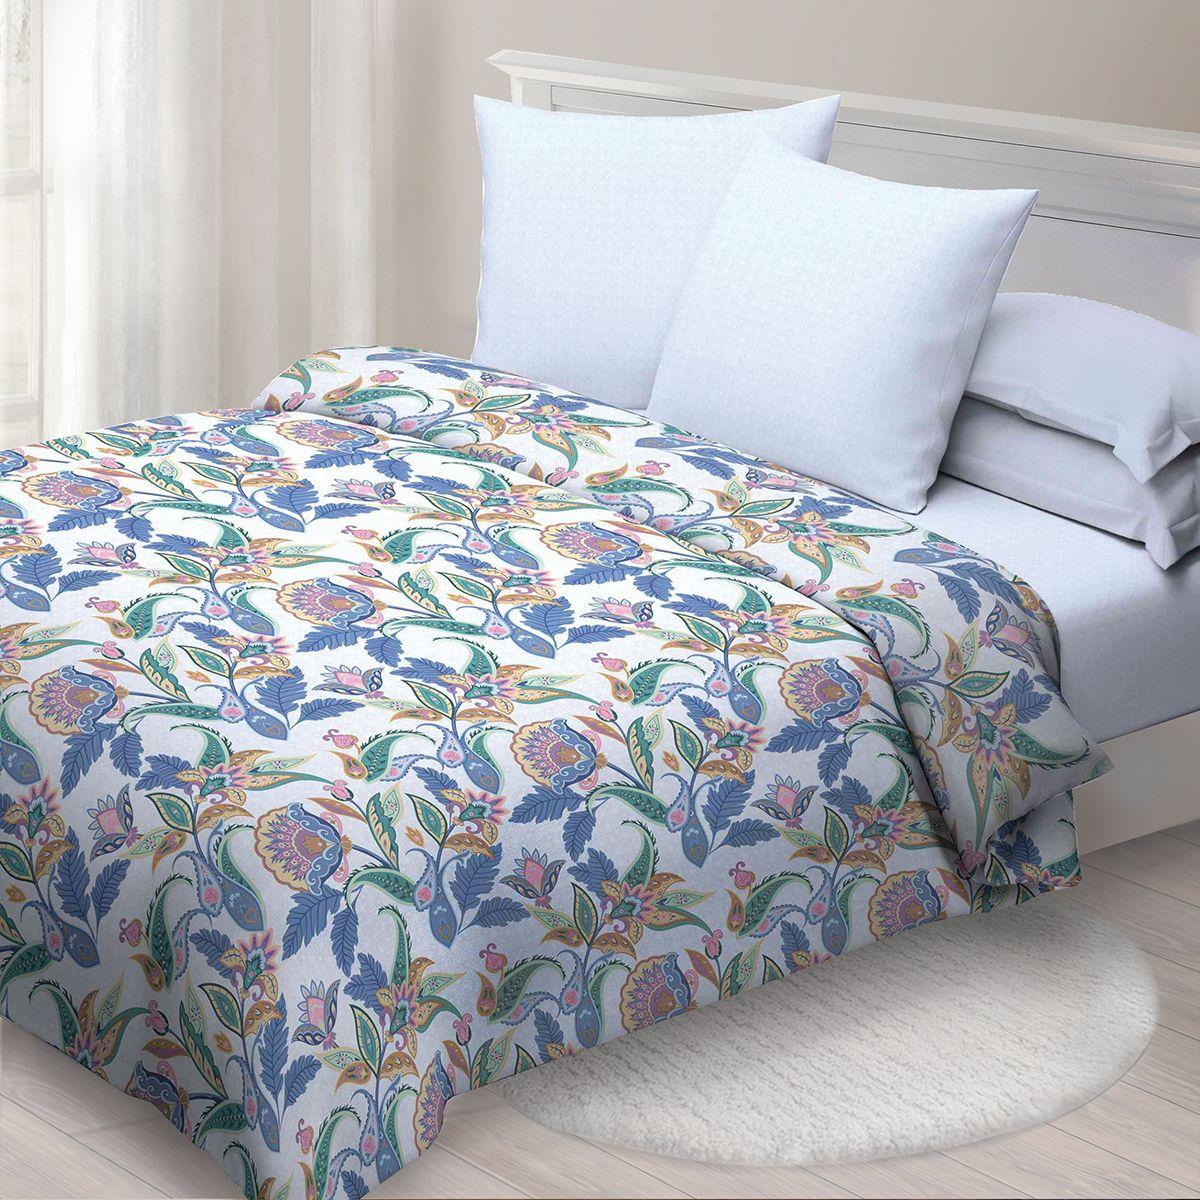 Комплект белья Спал Спалыч Индира, семейный, наволочки 70x70, цвет: синий. 4091-185093